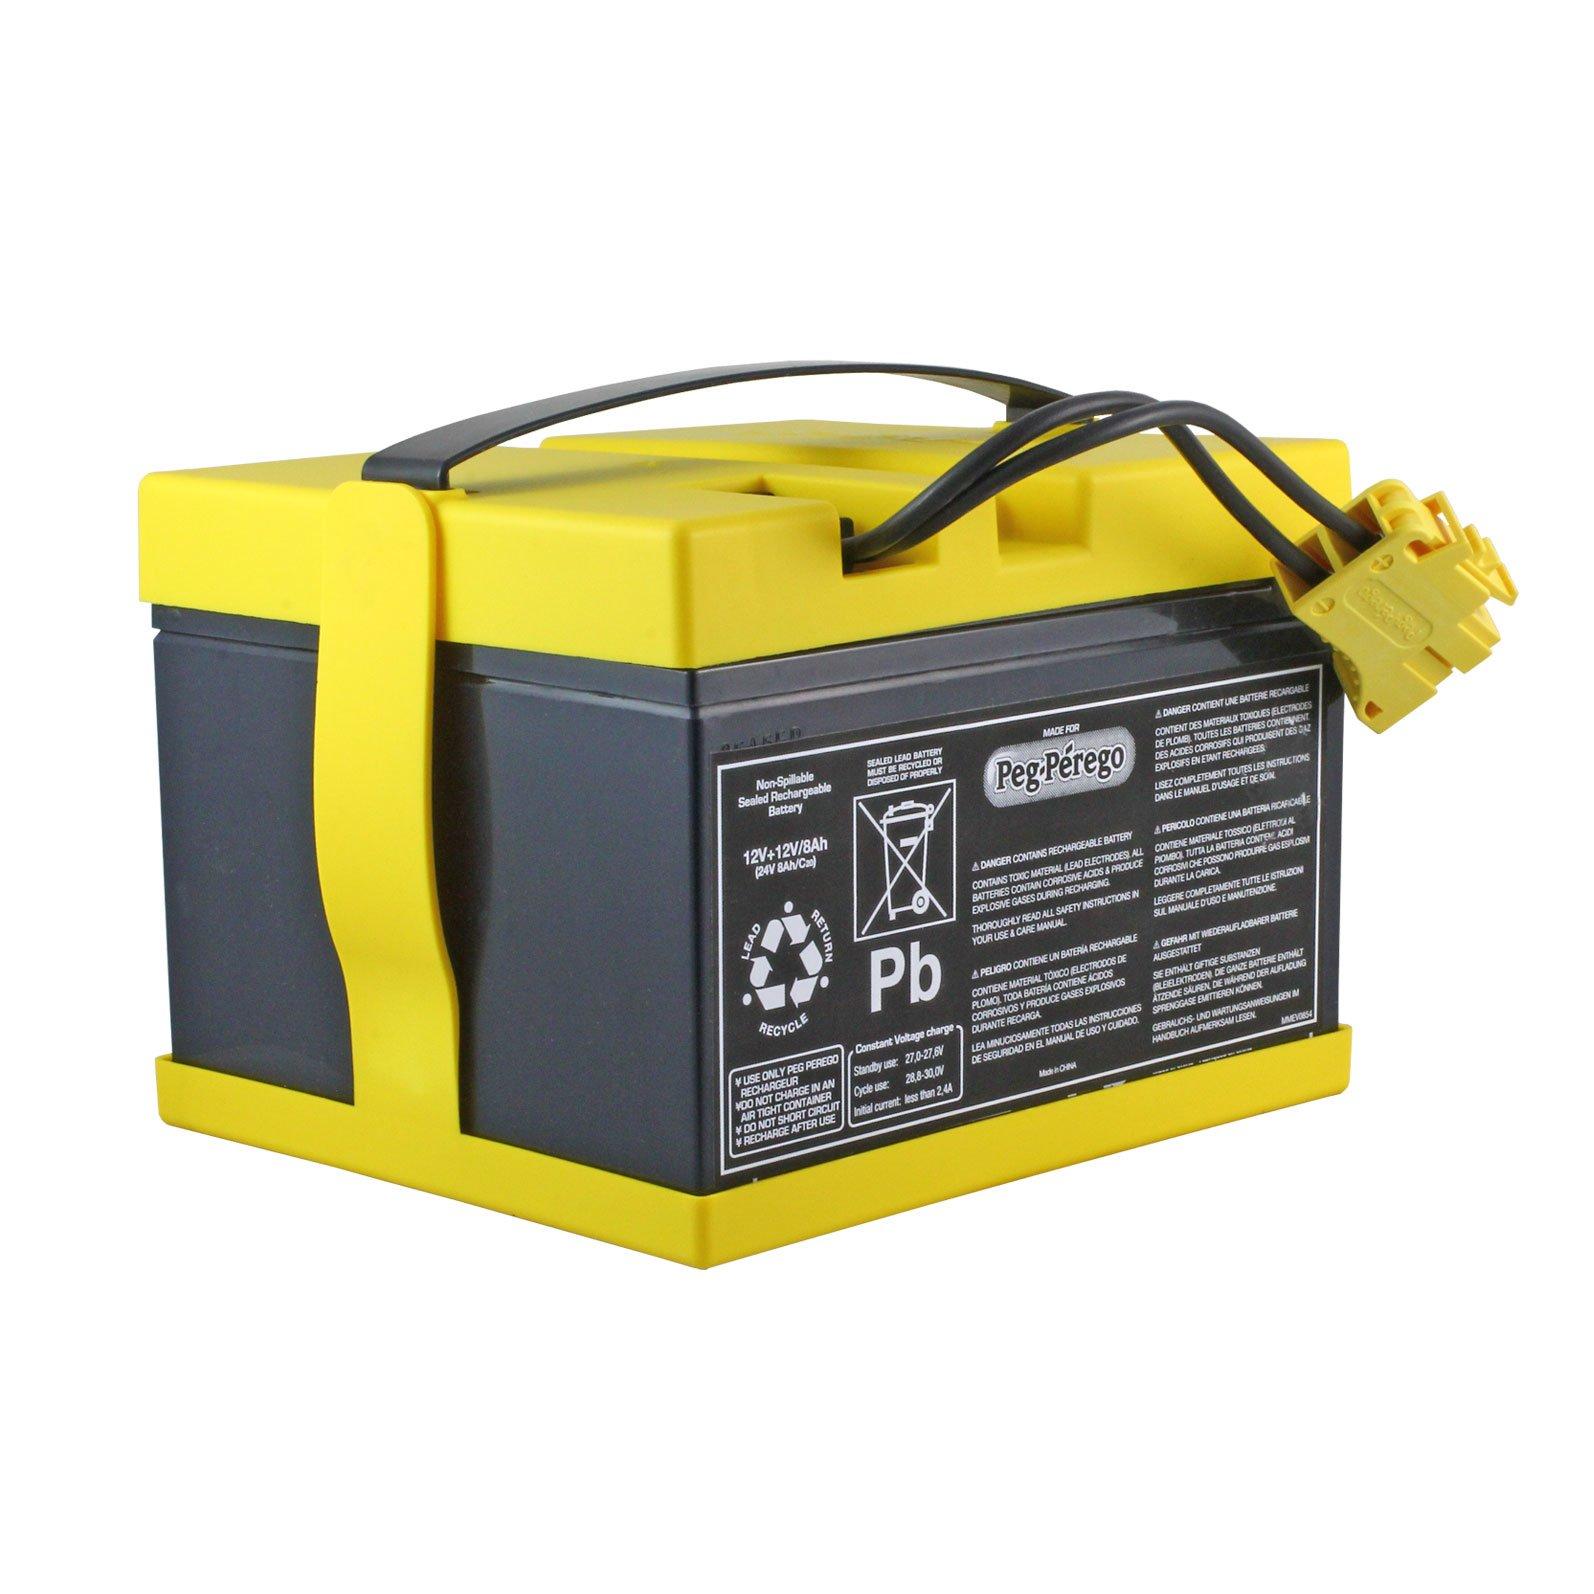 peg perego 24 volt battery for john deere gator xuv 6x4. Black Bedroom Furniture Sets. Home Design Ideas